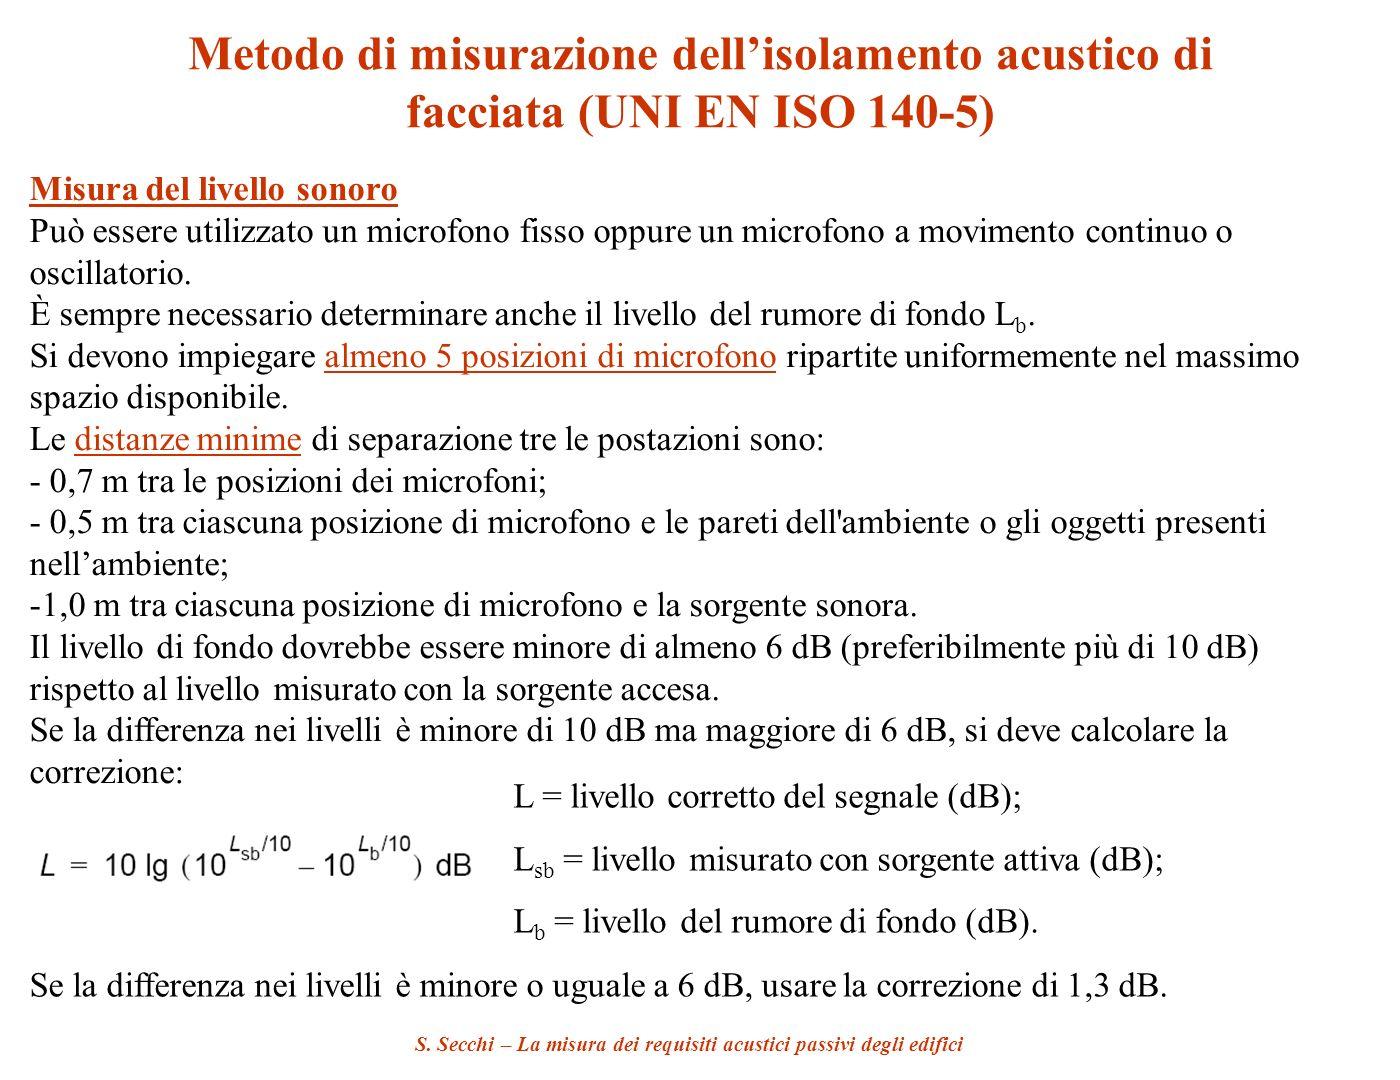 Metodo di misurazione dell'isolamento acustico di facciata (UNI EN ISO 140-5)